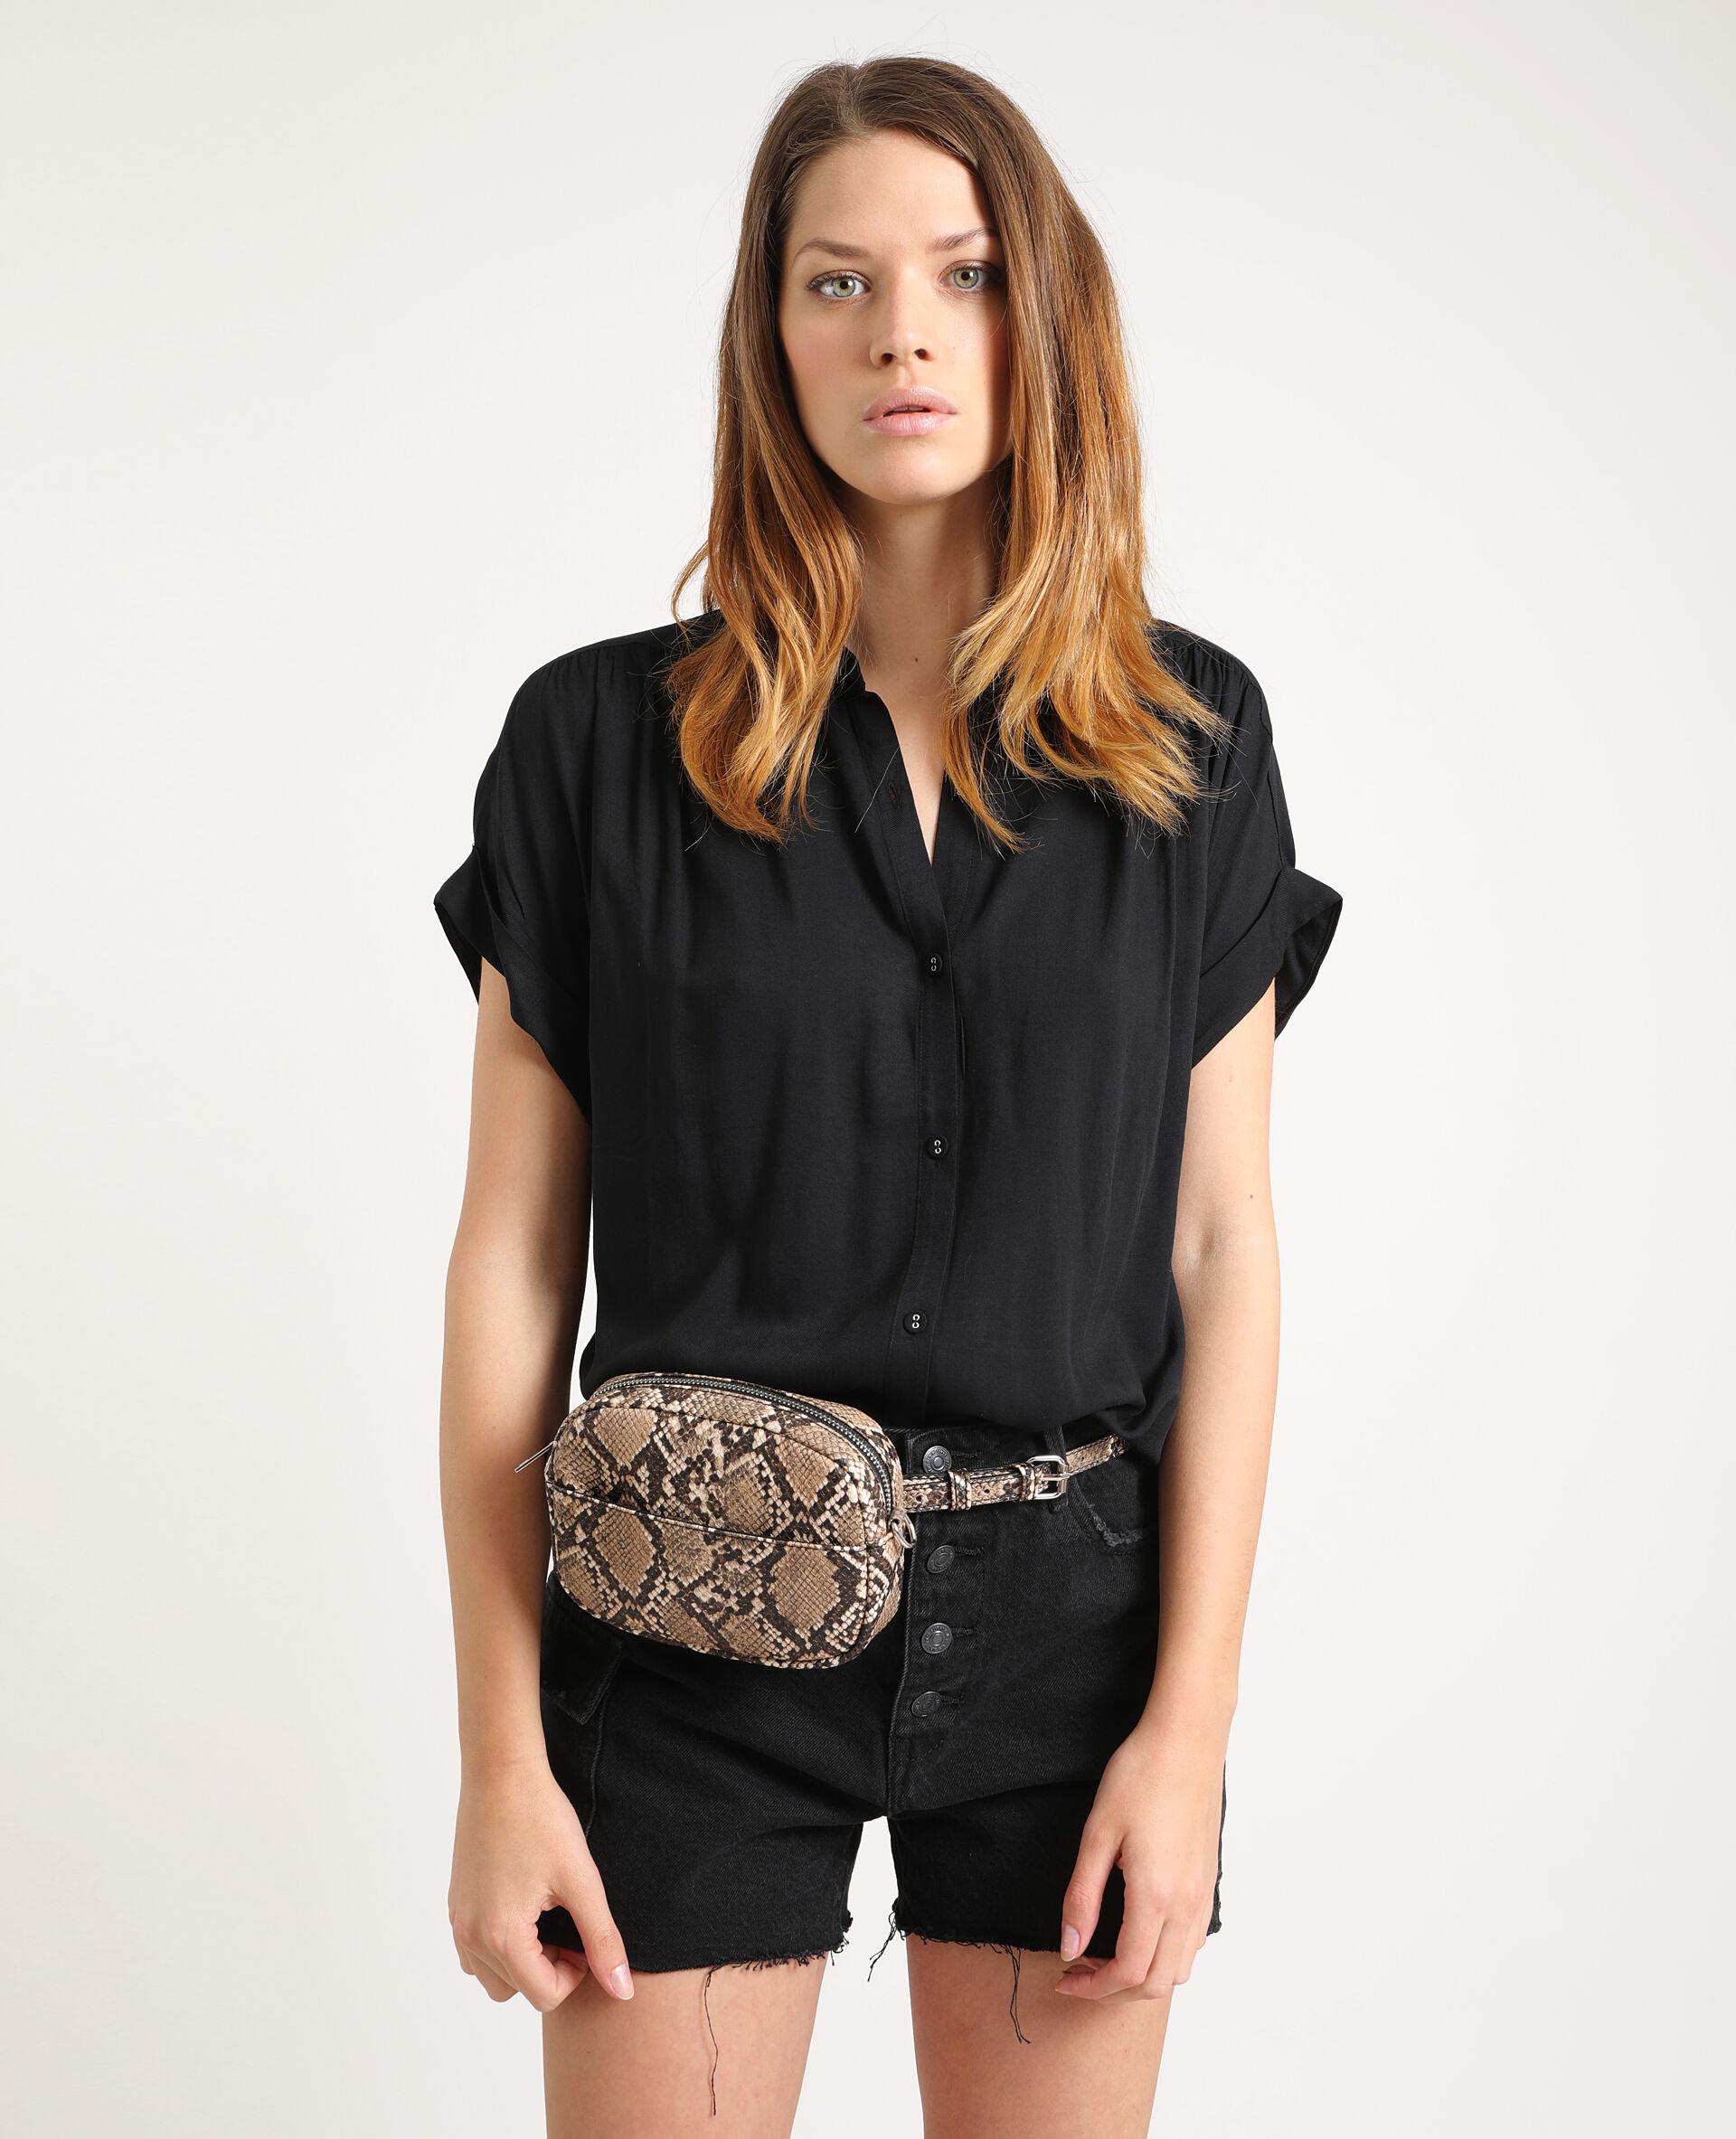 Chemise à manches courtes Femme - Couleur noir - Taille 44 - PIMKIE - MODE FEMME